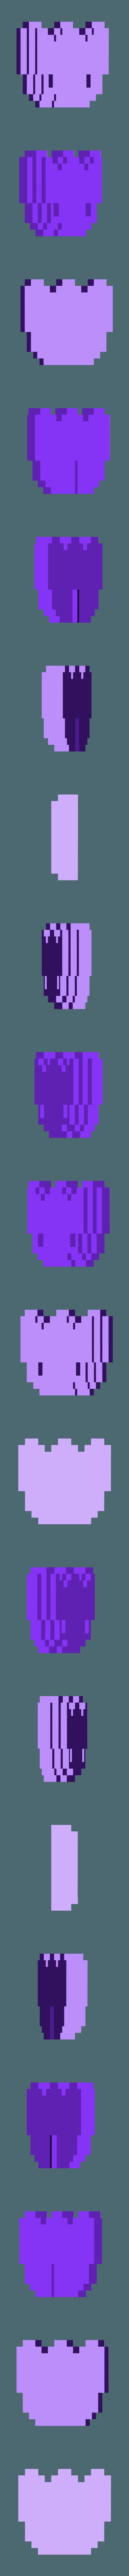 GhostFront.stl Télécharger fichier STL gratuit PacMan 8 bits et fantômes - Pièces séparées (pas besoin de colle) • Design à imprimer en 3D, conceptify